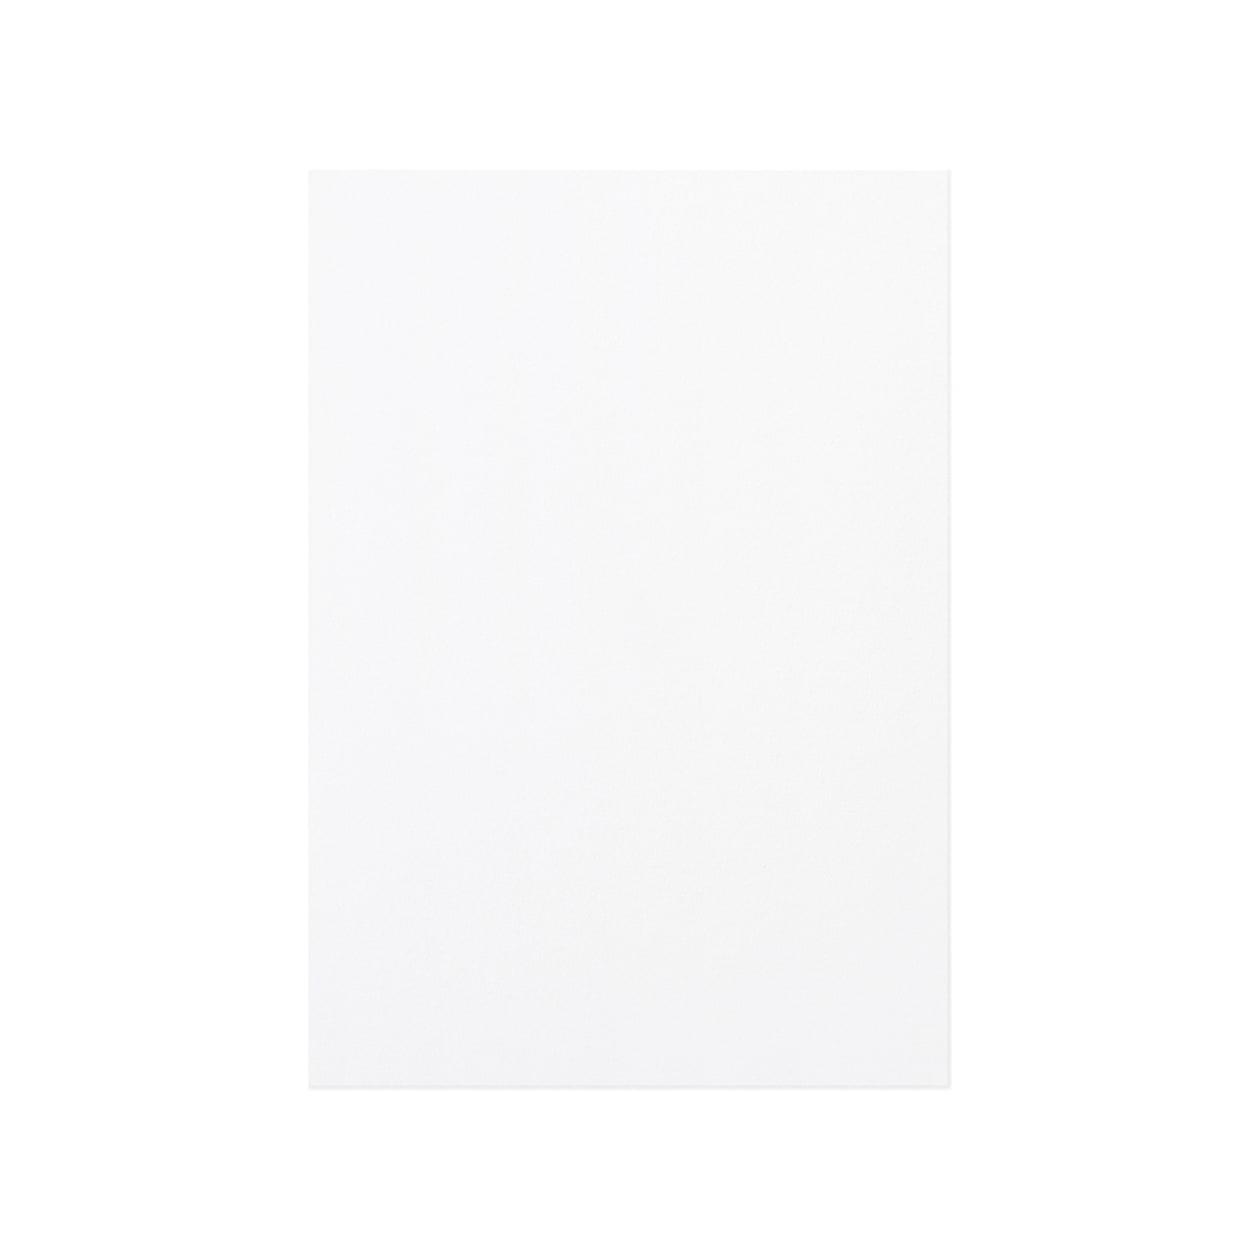 Pカード コットン スノーホワイト 232.8g